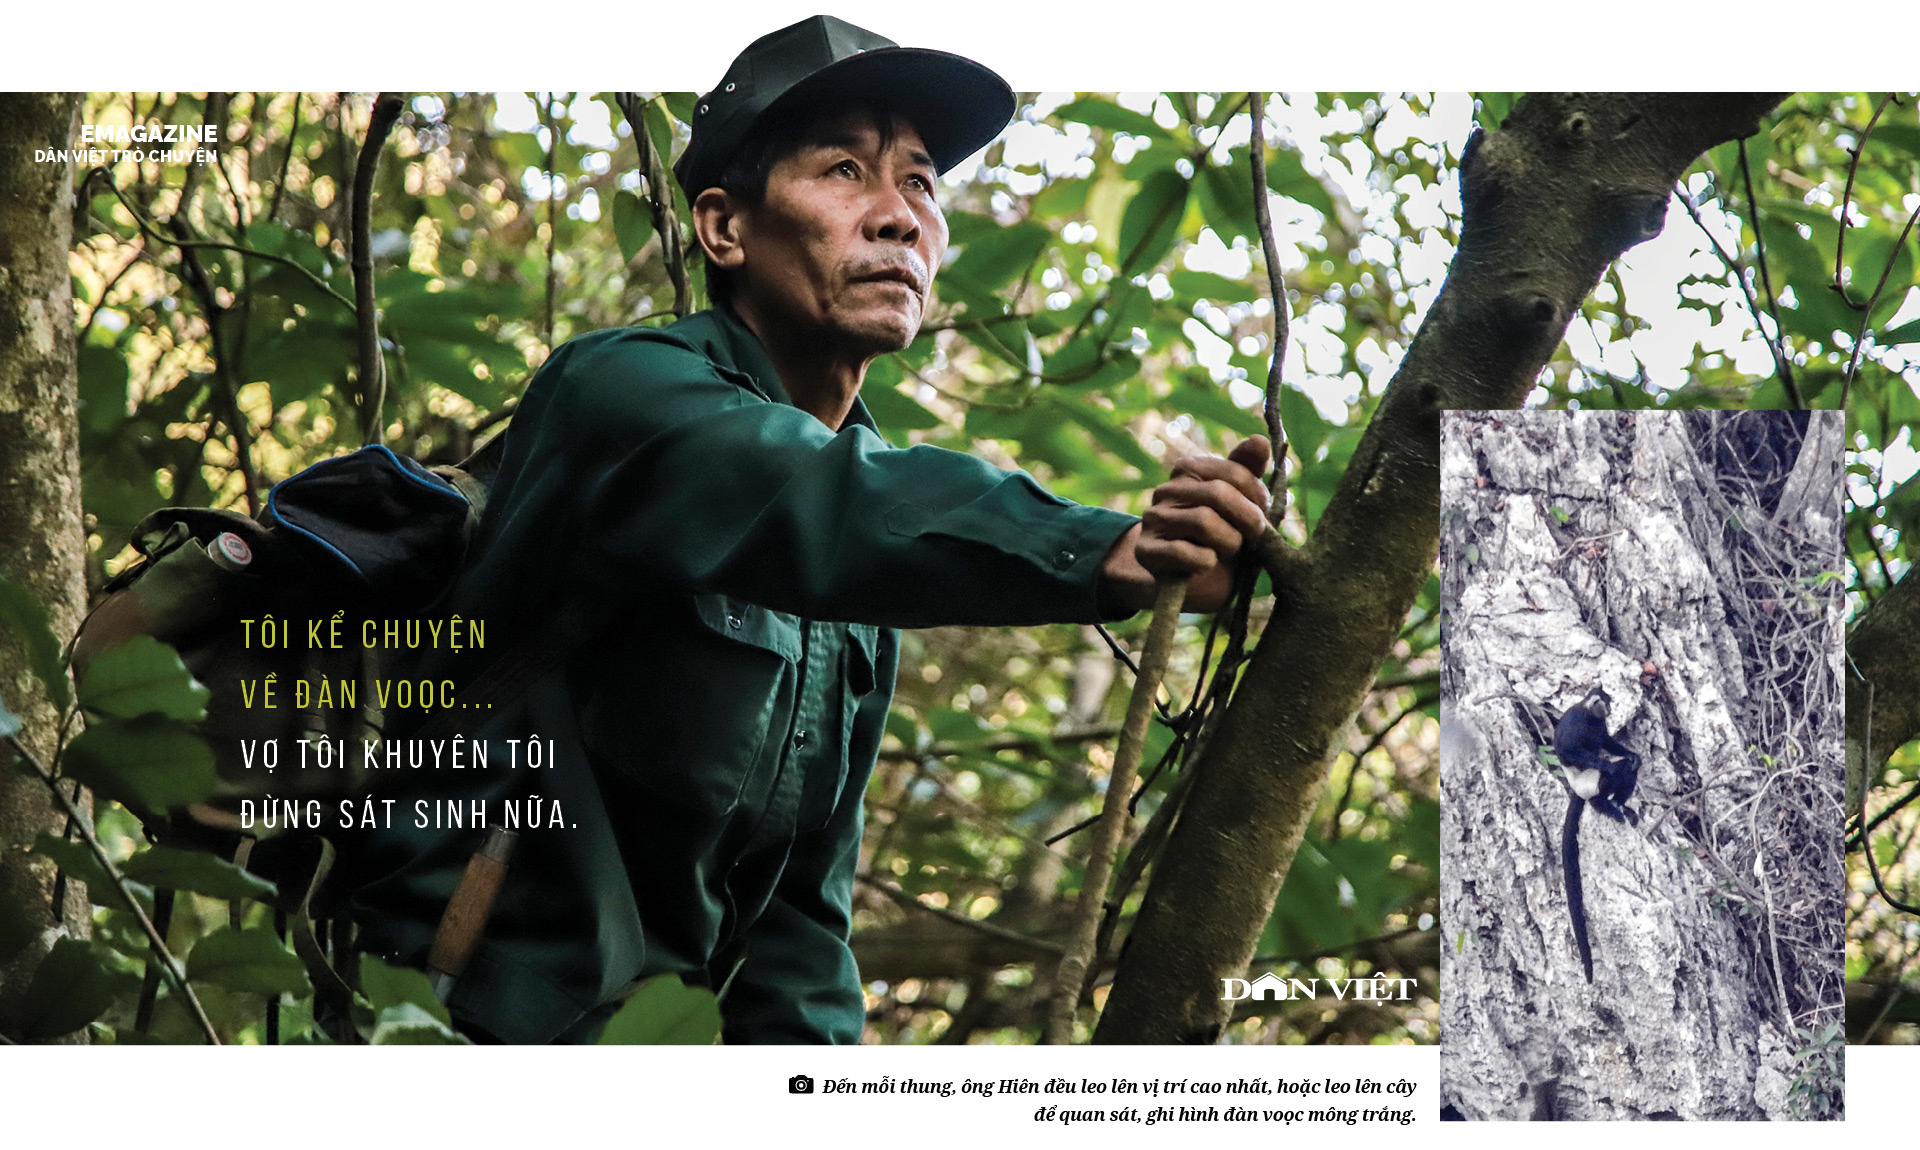 Dân Việt Trò Chuyện: Thợ săn buông súng chuộc lỗi với rừng già - Ảnh 5.